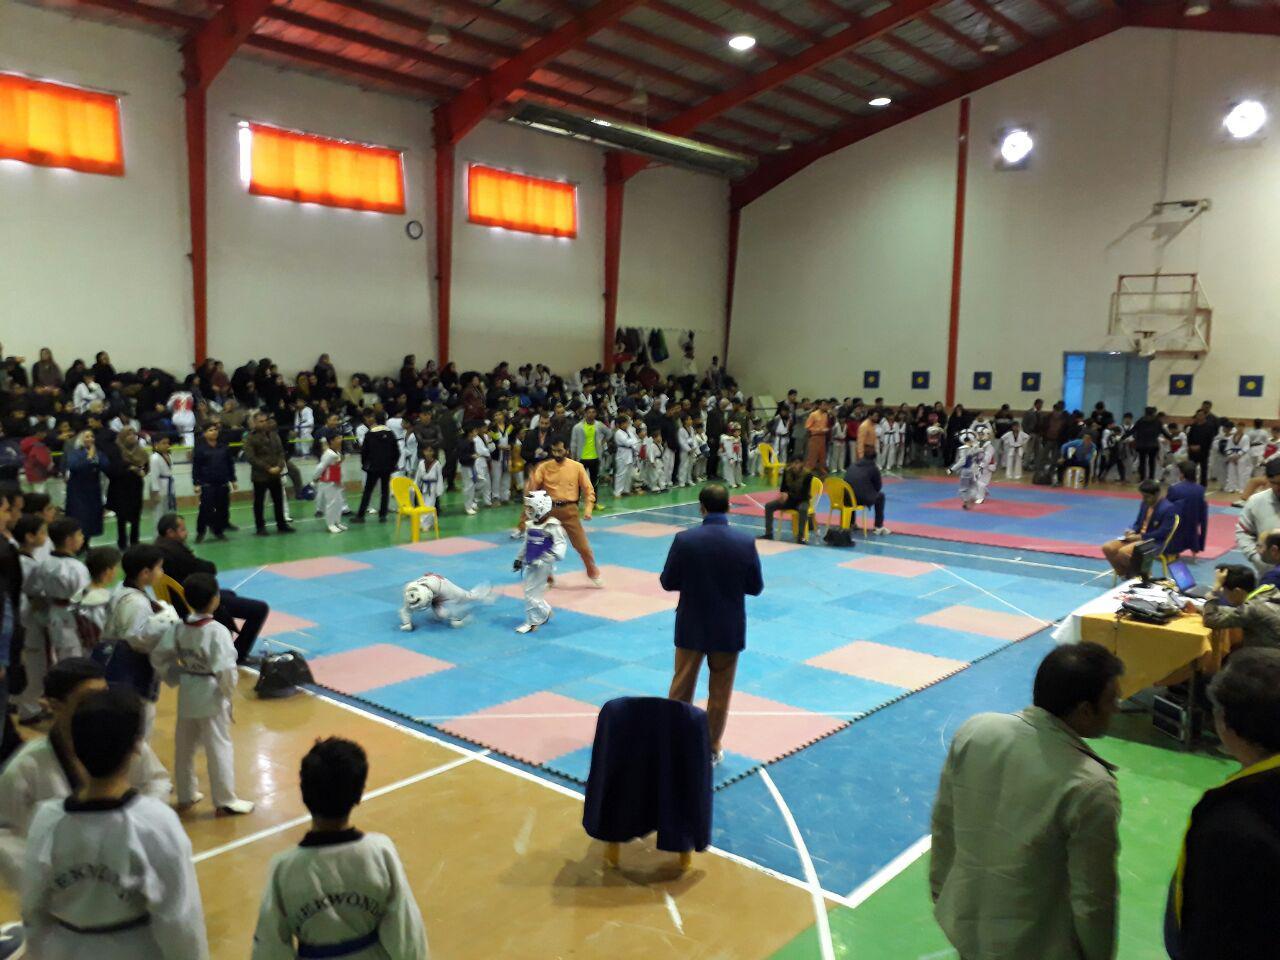 از برگزاری مسابقات تکواندو تا ادامه المپیاد ورزشی